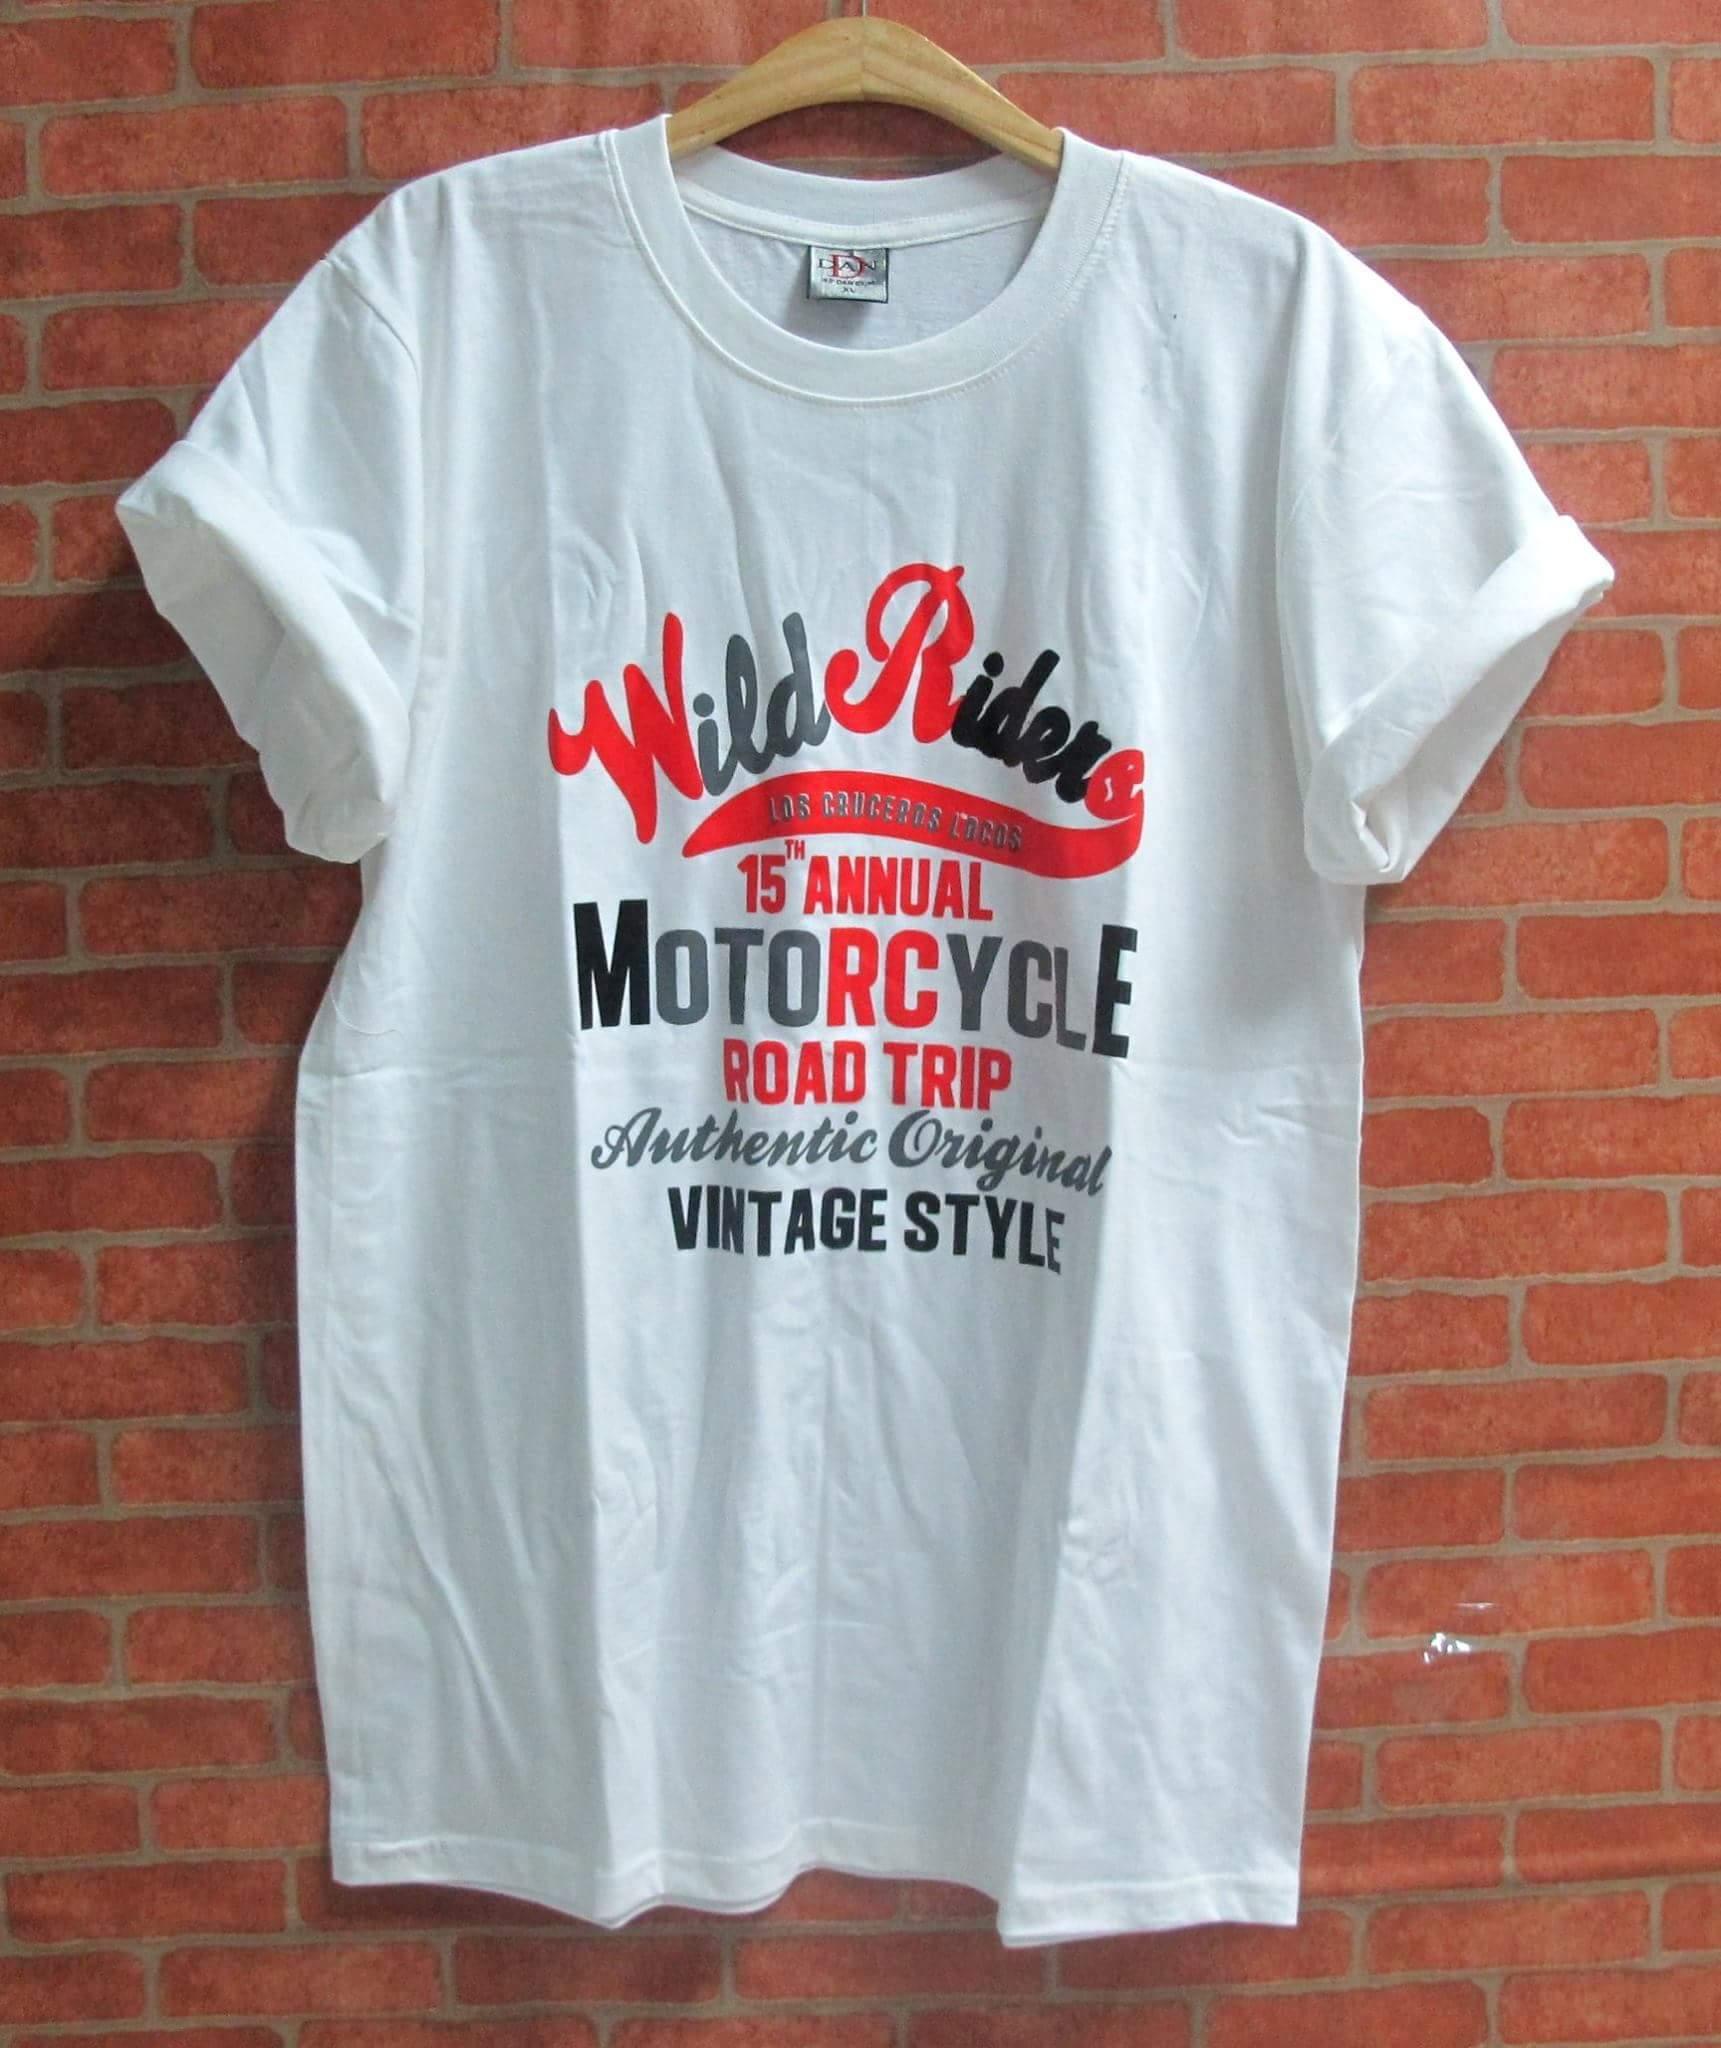 เสื้อยืดสกรีน สวยๆ คอกลม เนื้อผ้านุ่มใส่สบาย motorcycle road trip